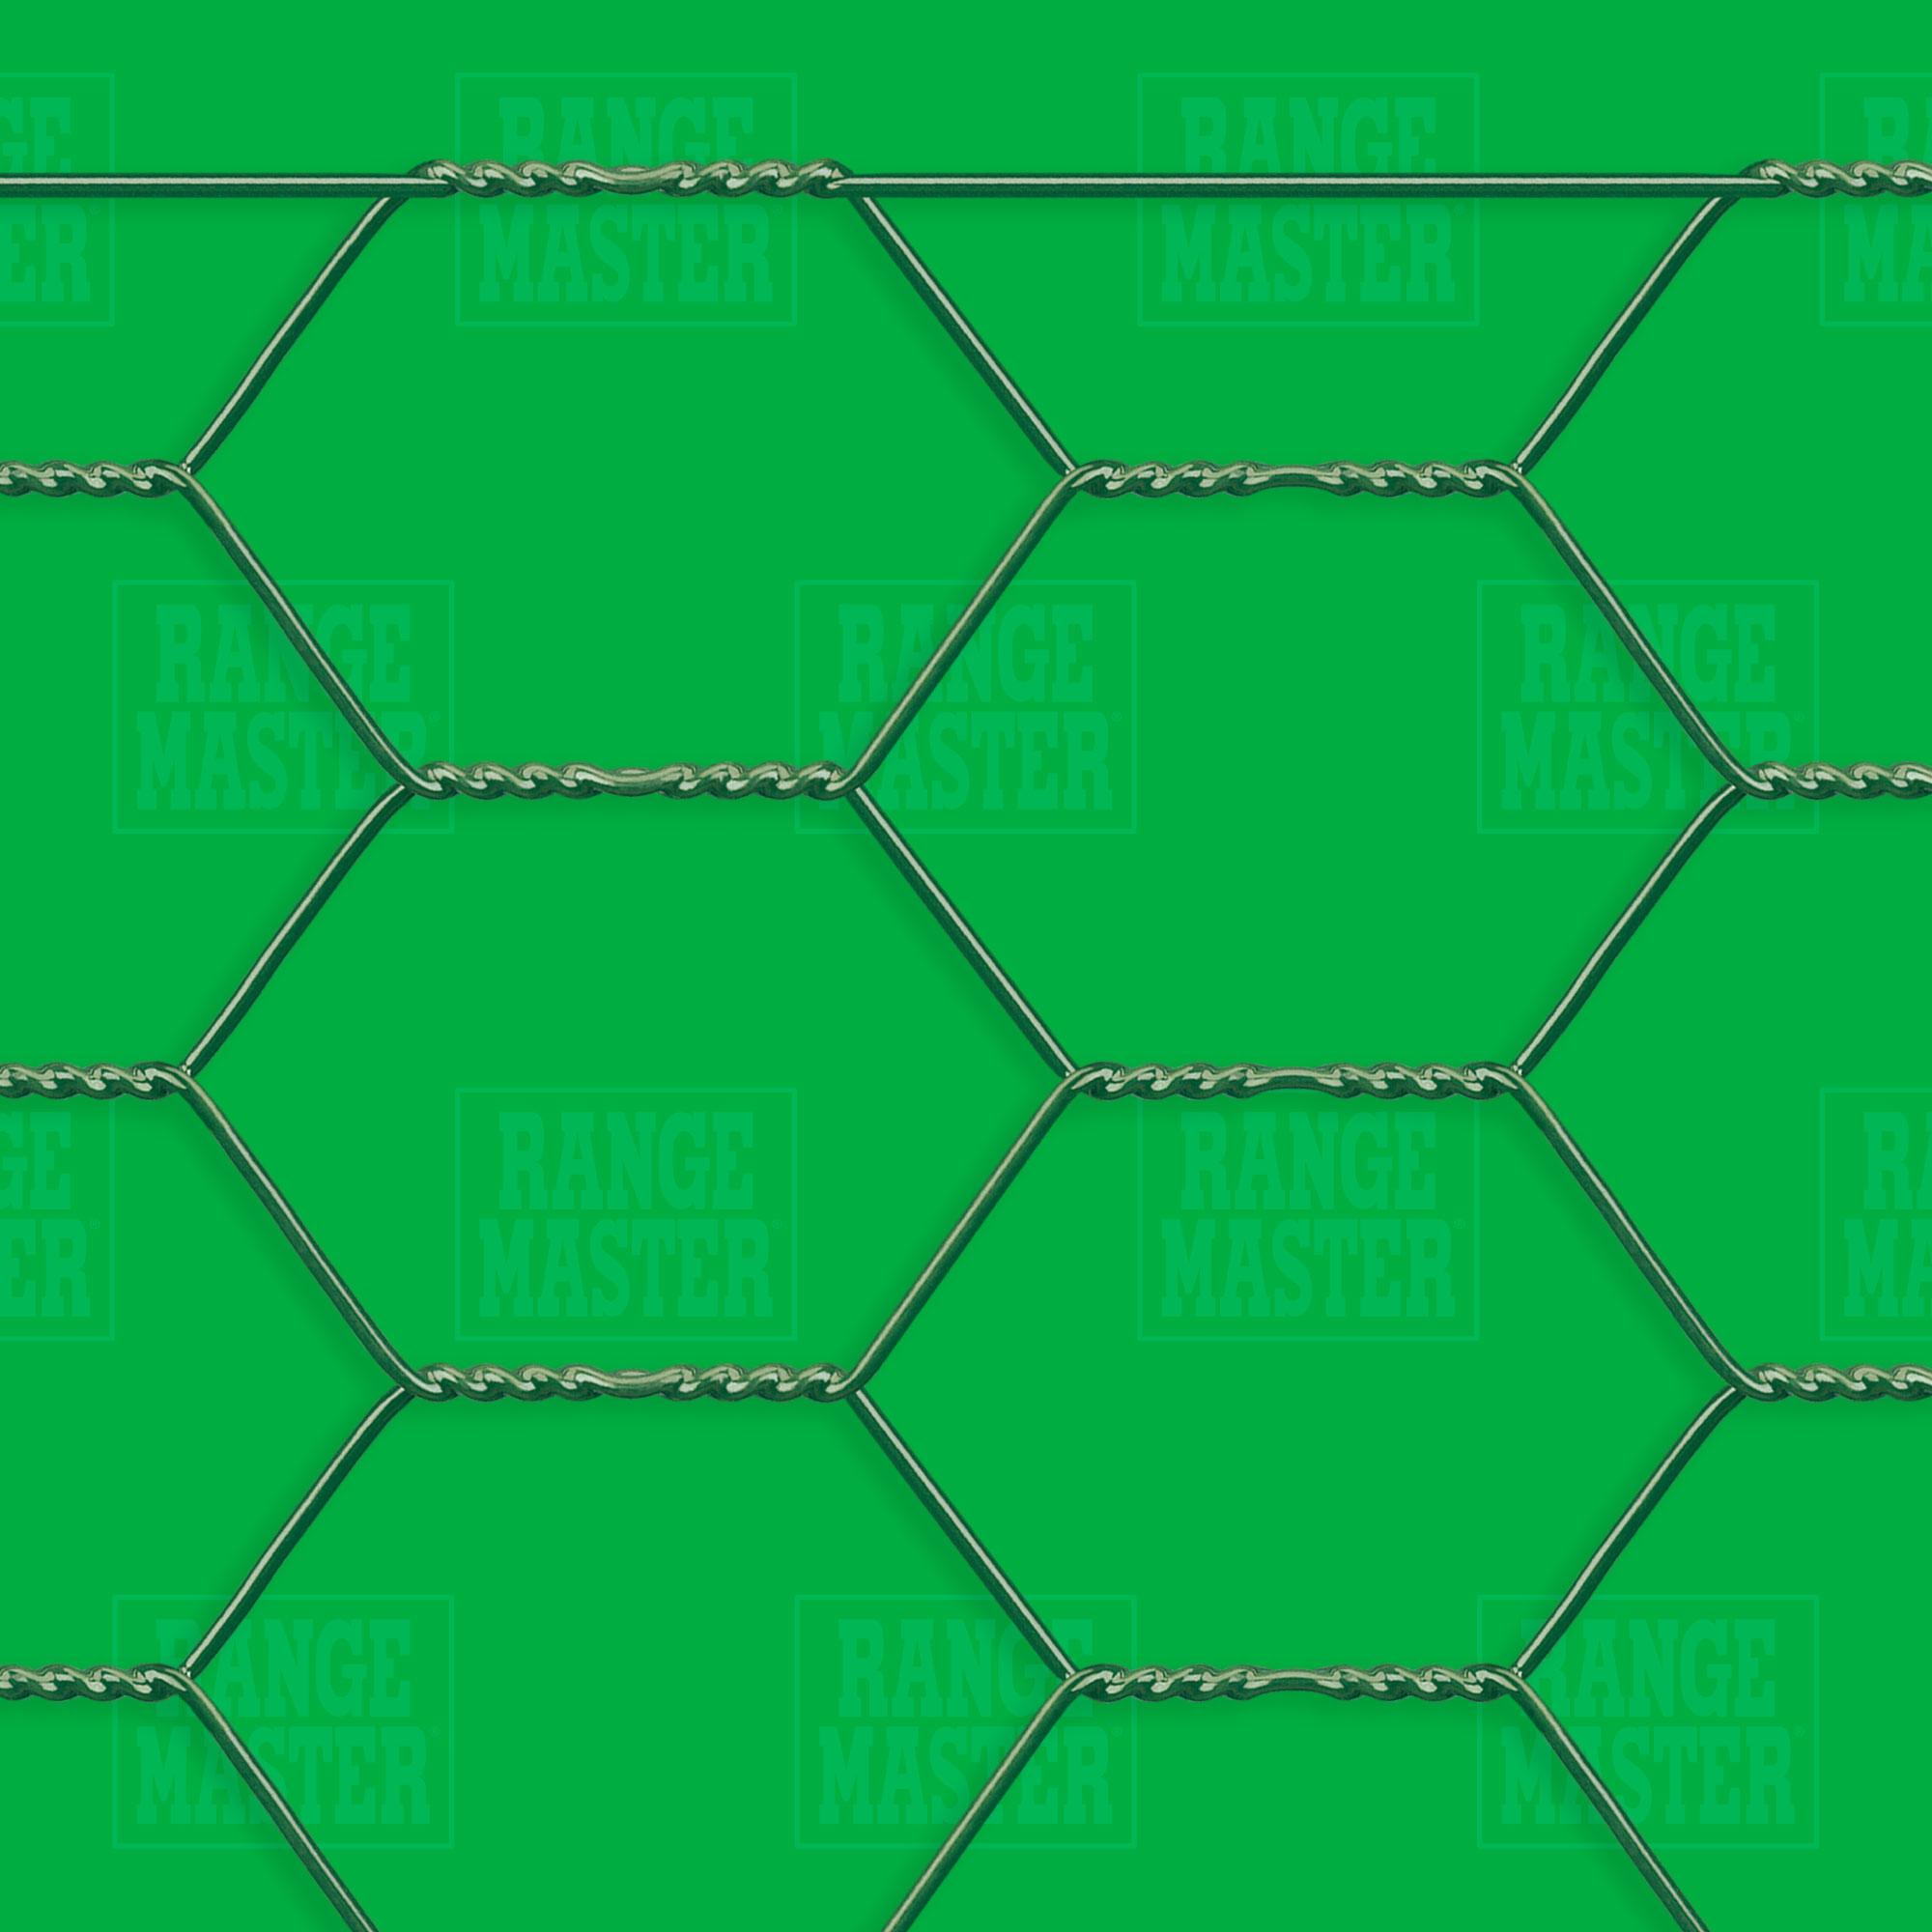 Plastic Coated Hexagonal Netting